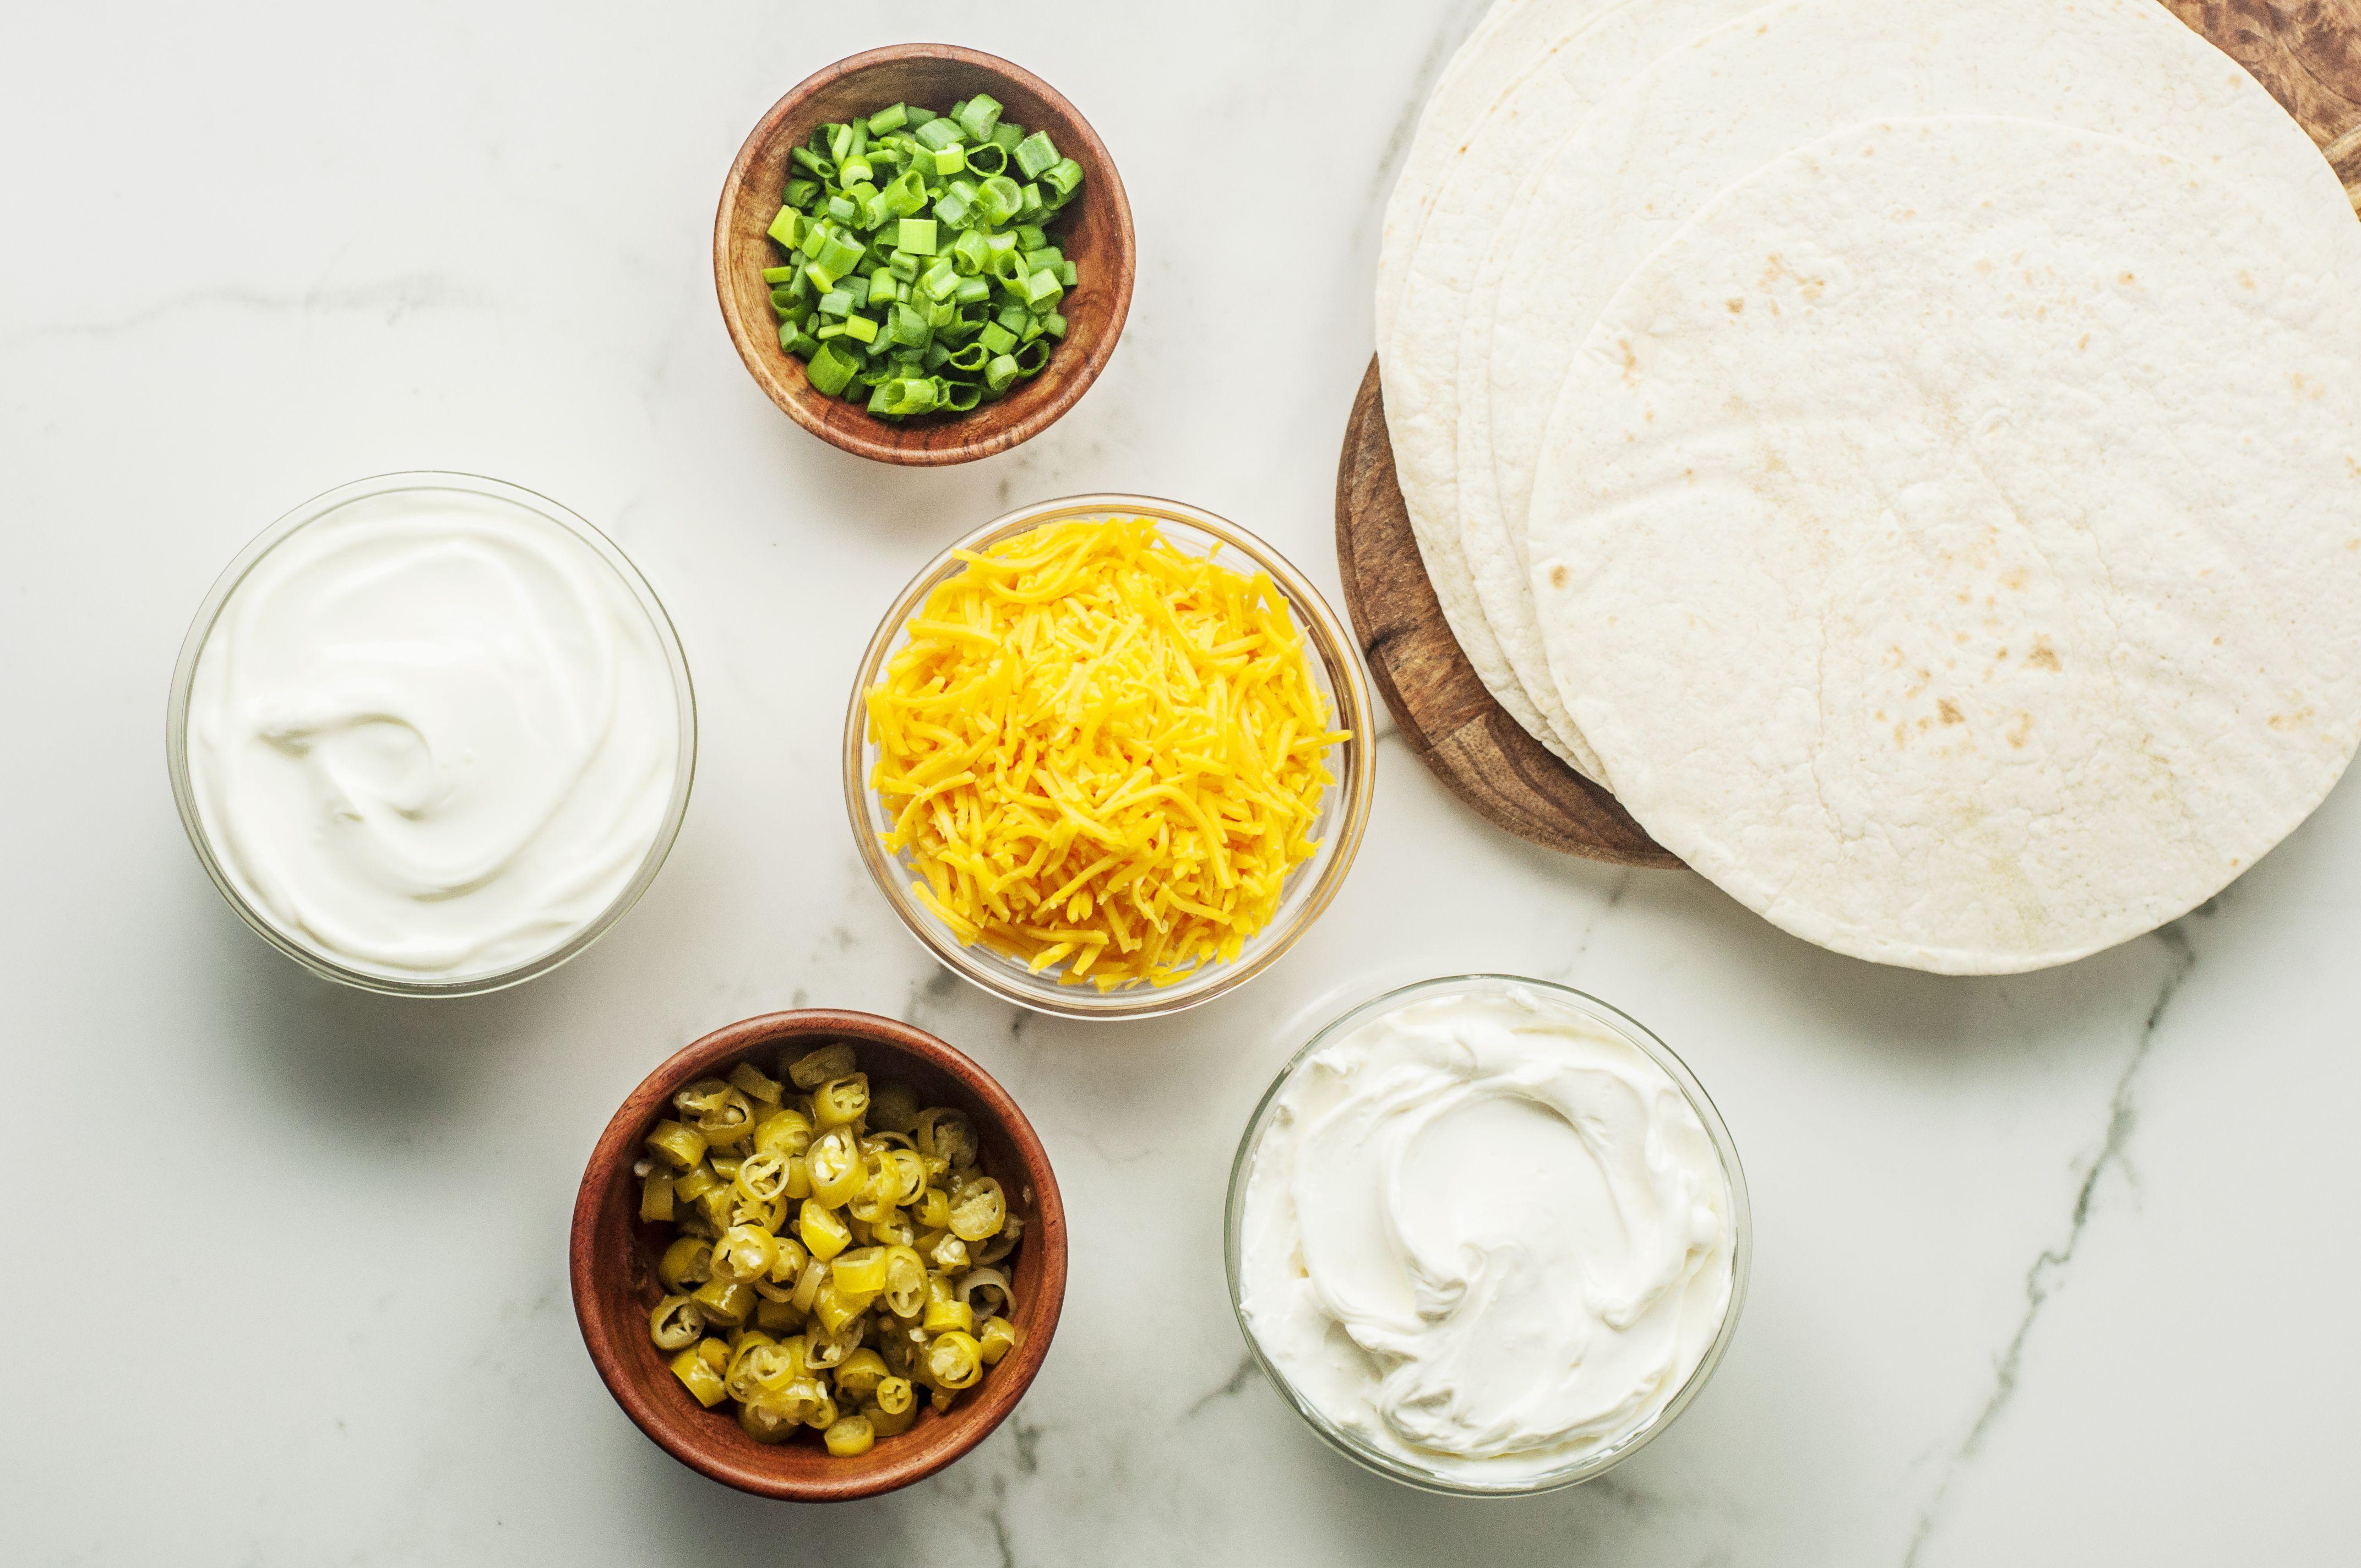 Tortilla pinwheels ingredients